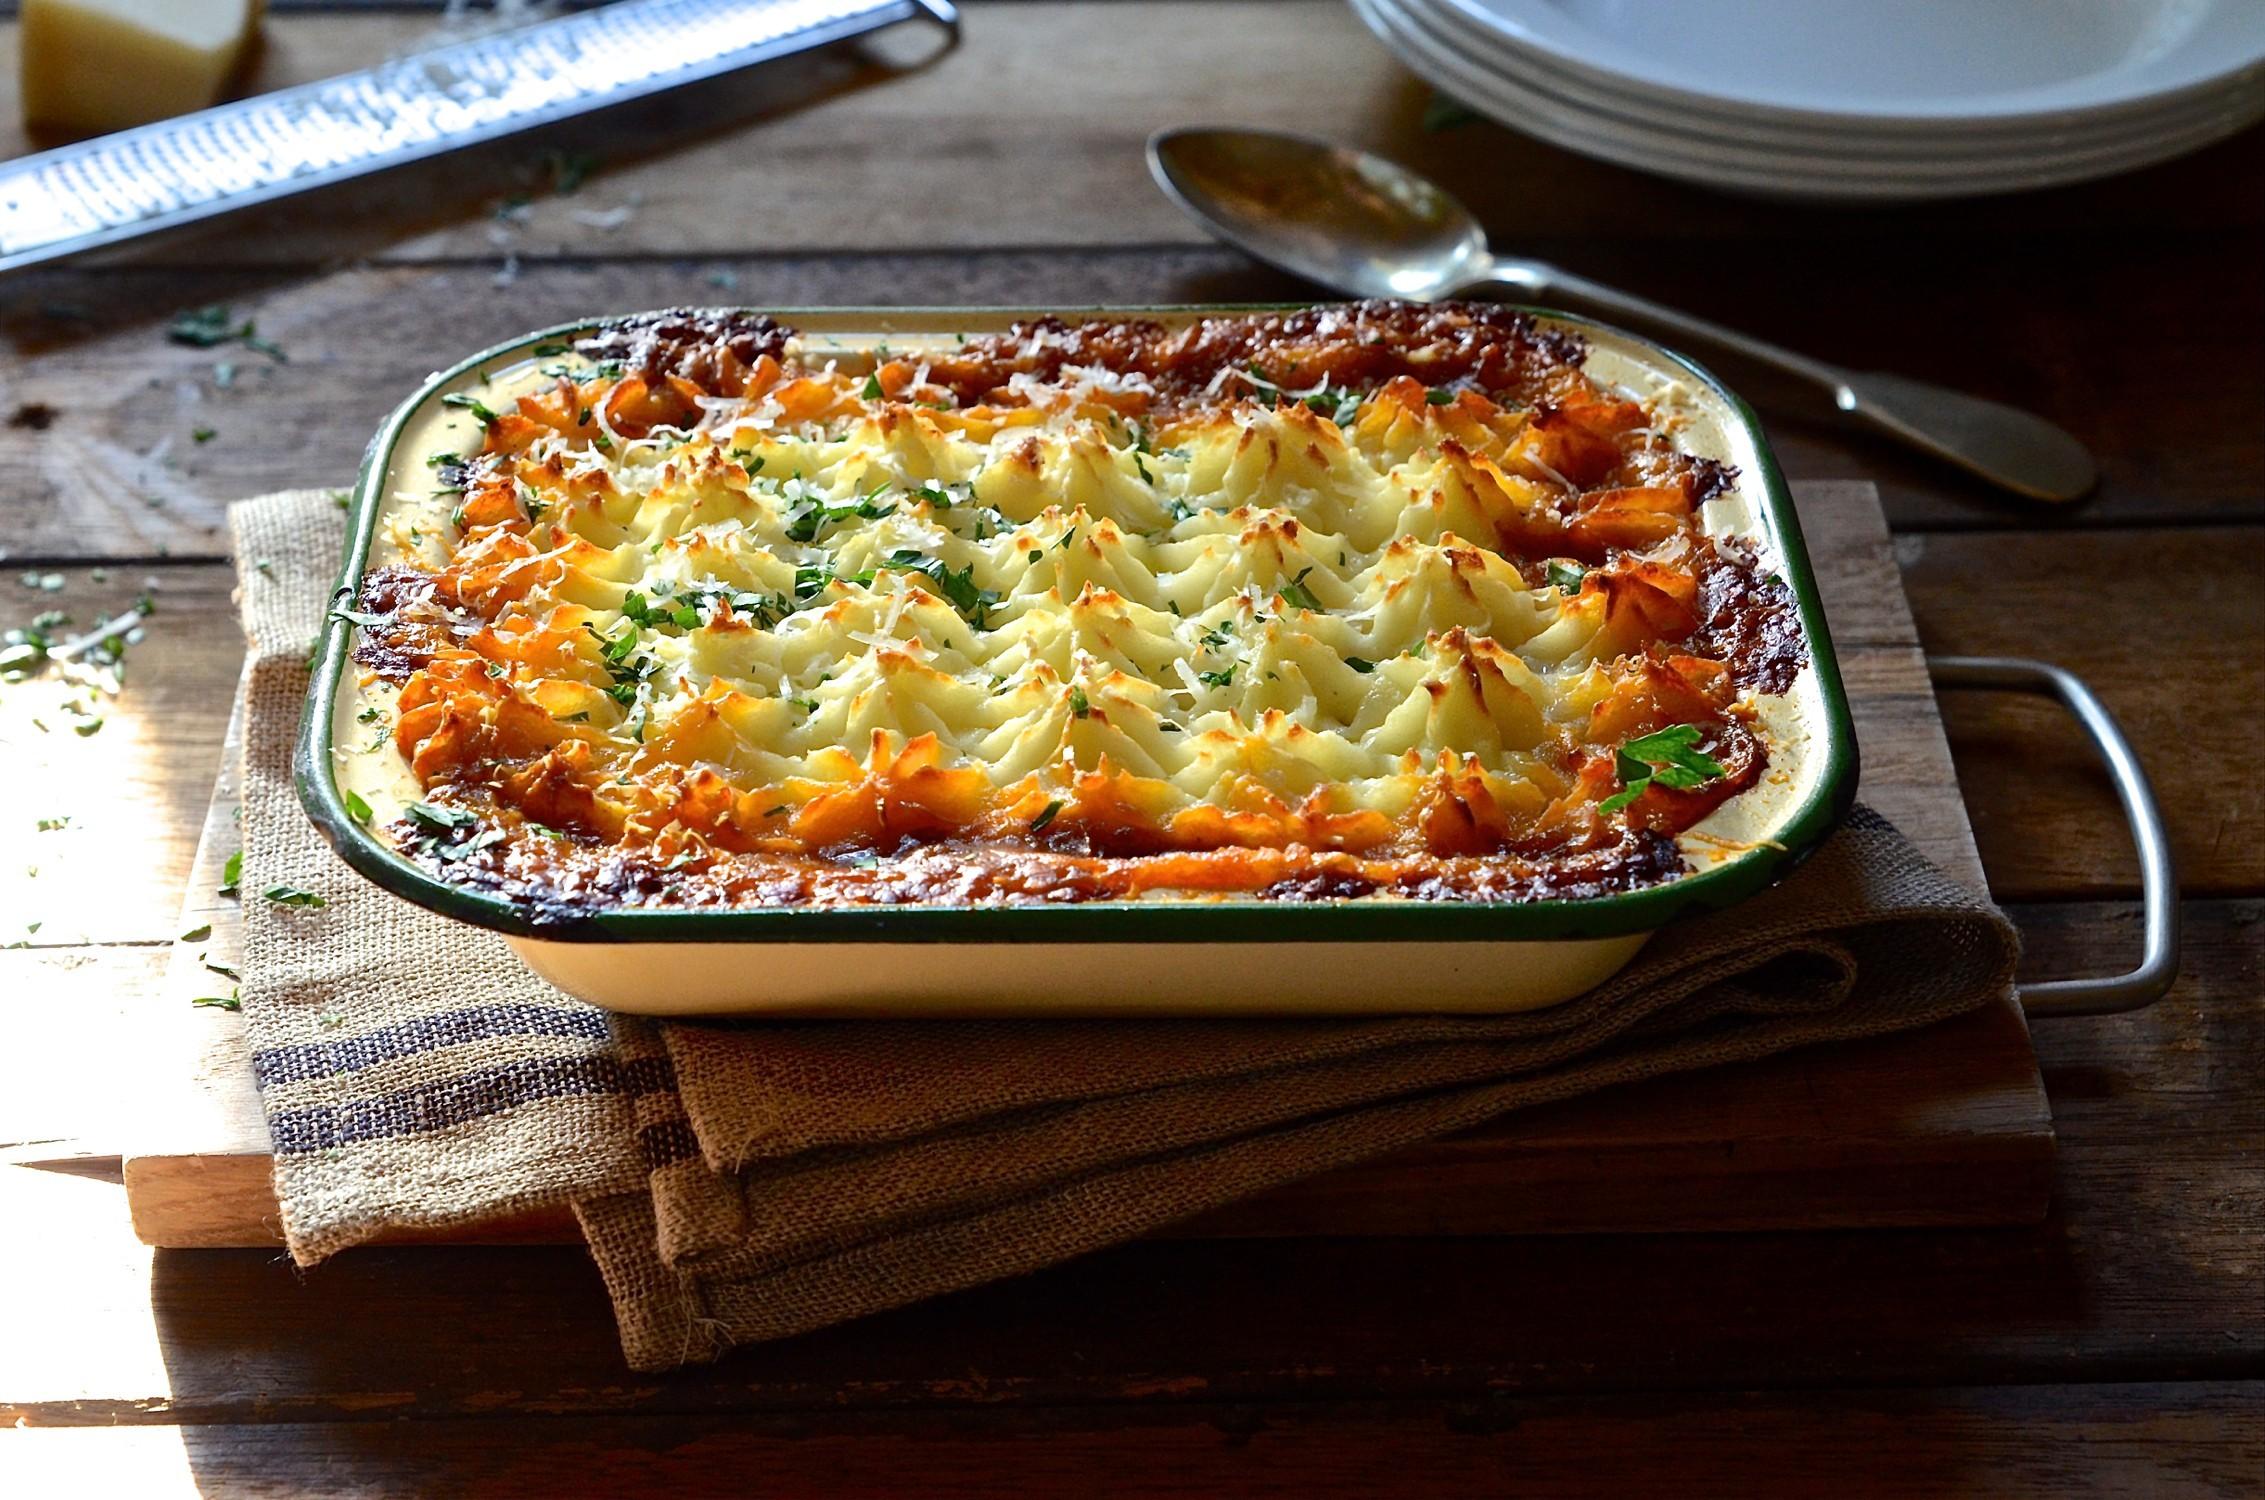 Bibby's Shepherd's pie   How to make the best Shepherd's pie